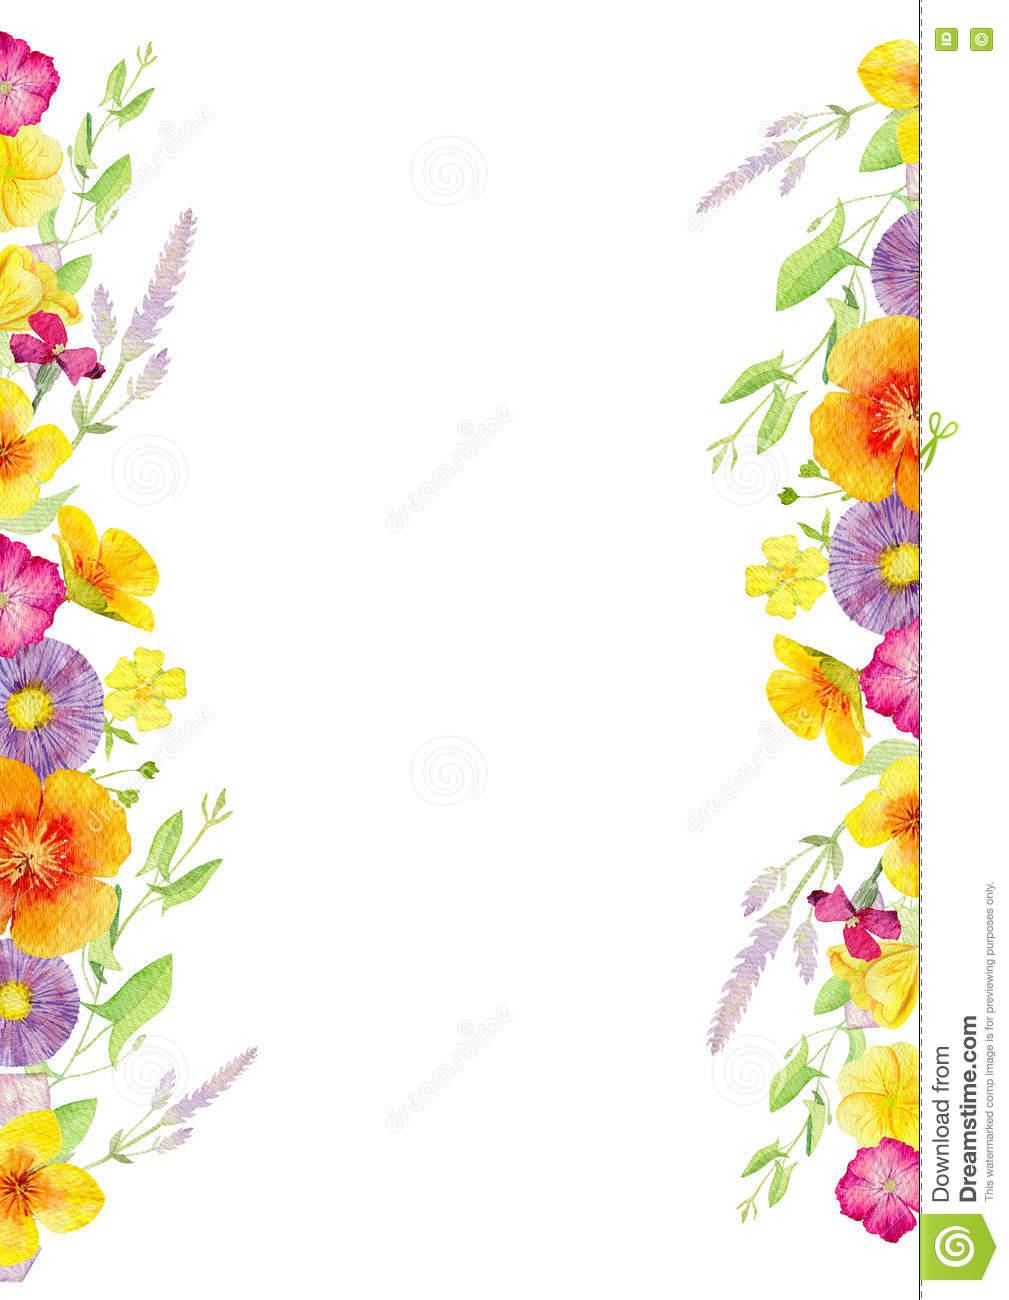 Handgemalte Aquarellmodell Clipart Schablone Von Wilden Blumen.